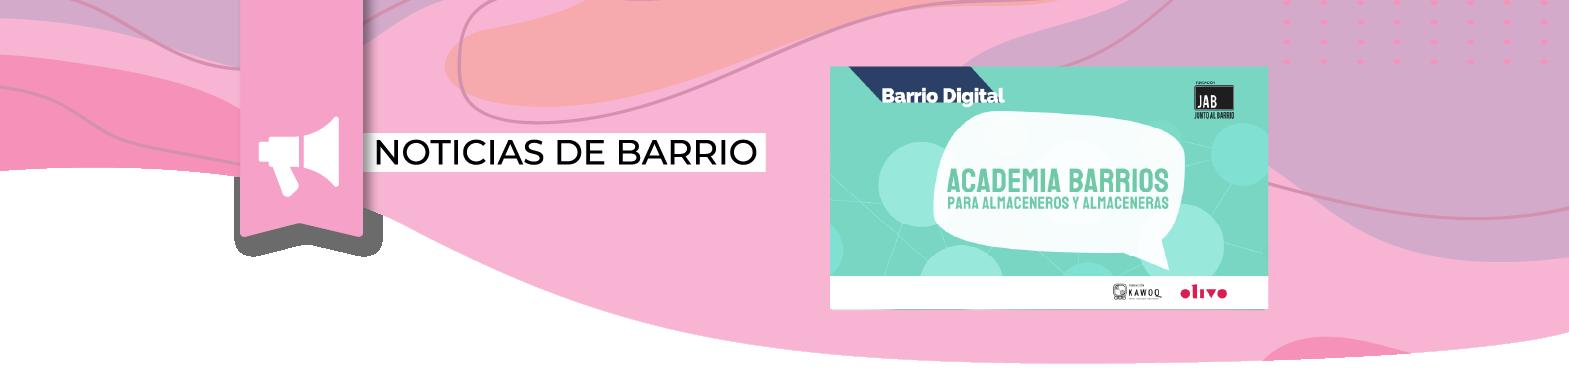 Academia de Barrios para Almaceneros/as